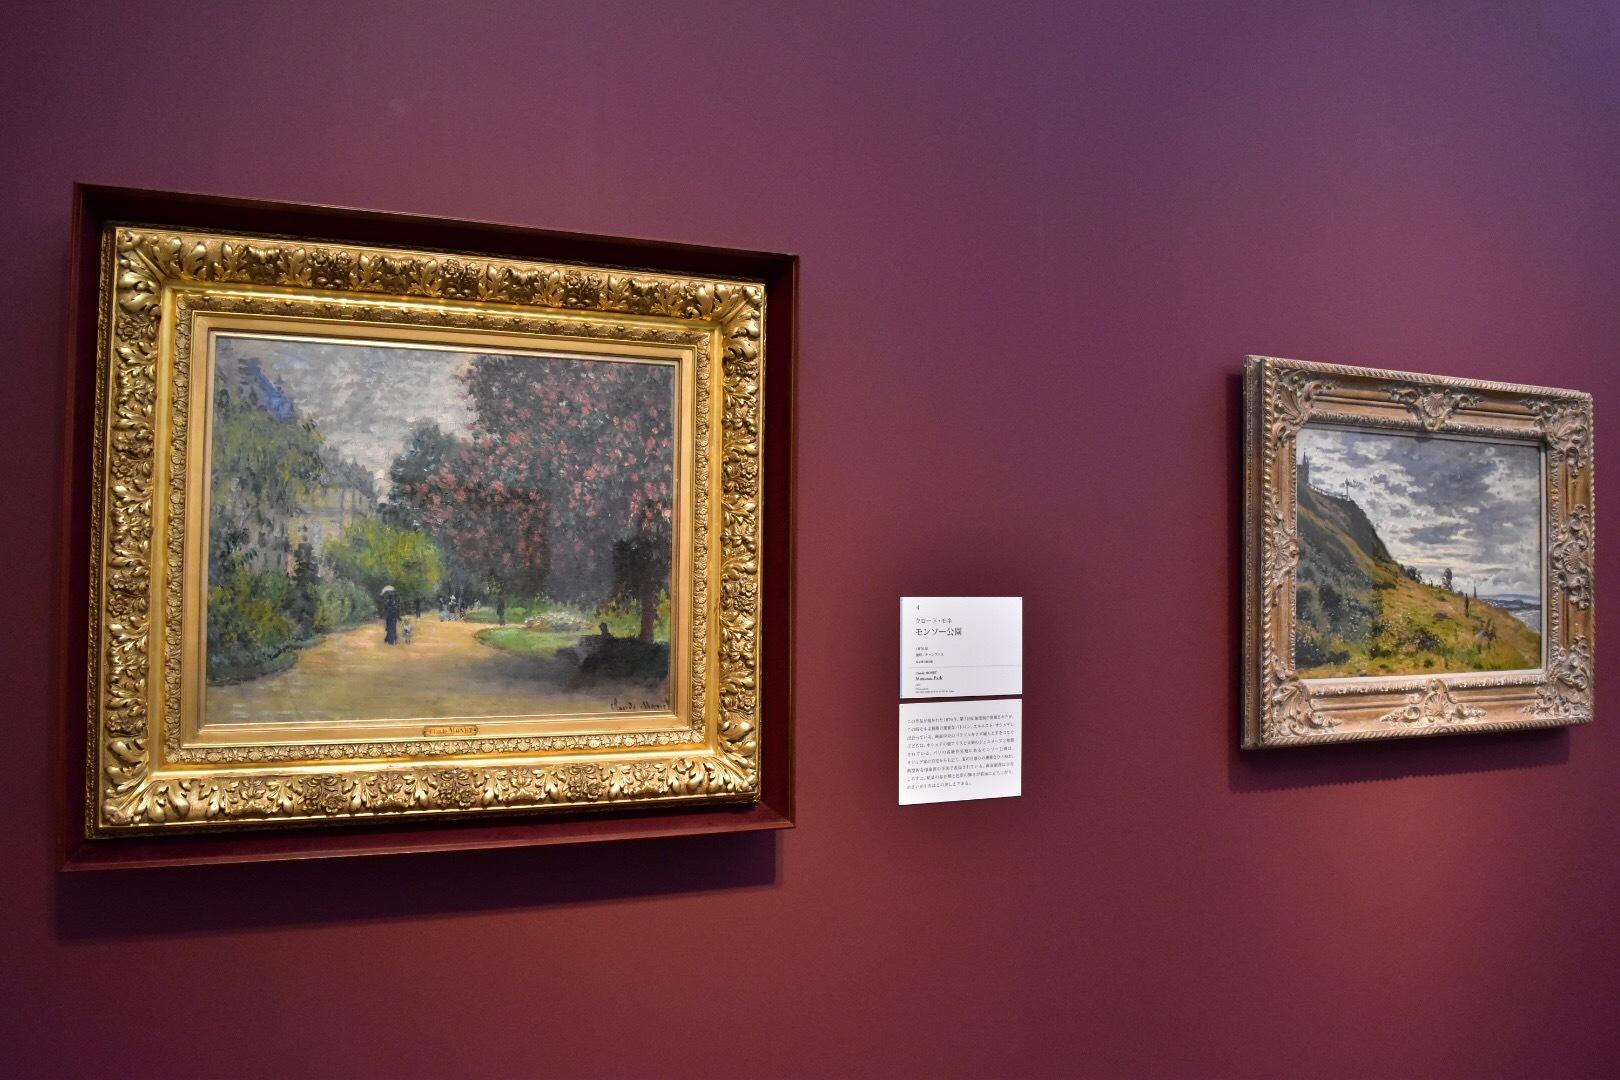 左:クロード・モネ 《モンソー公園》1876年 泉屋博古館分館 右奥:クロード・モネ 《サン=タドレスの断崖》1867年  松岡美術館